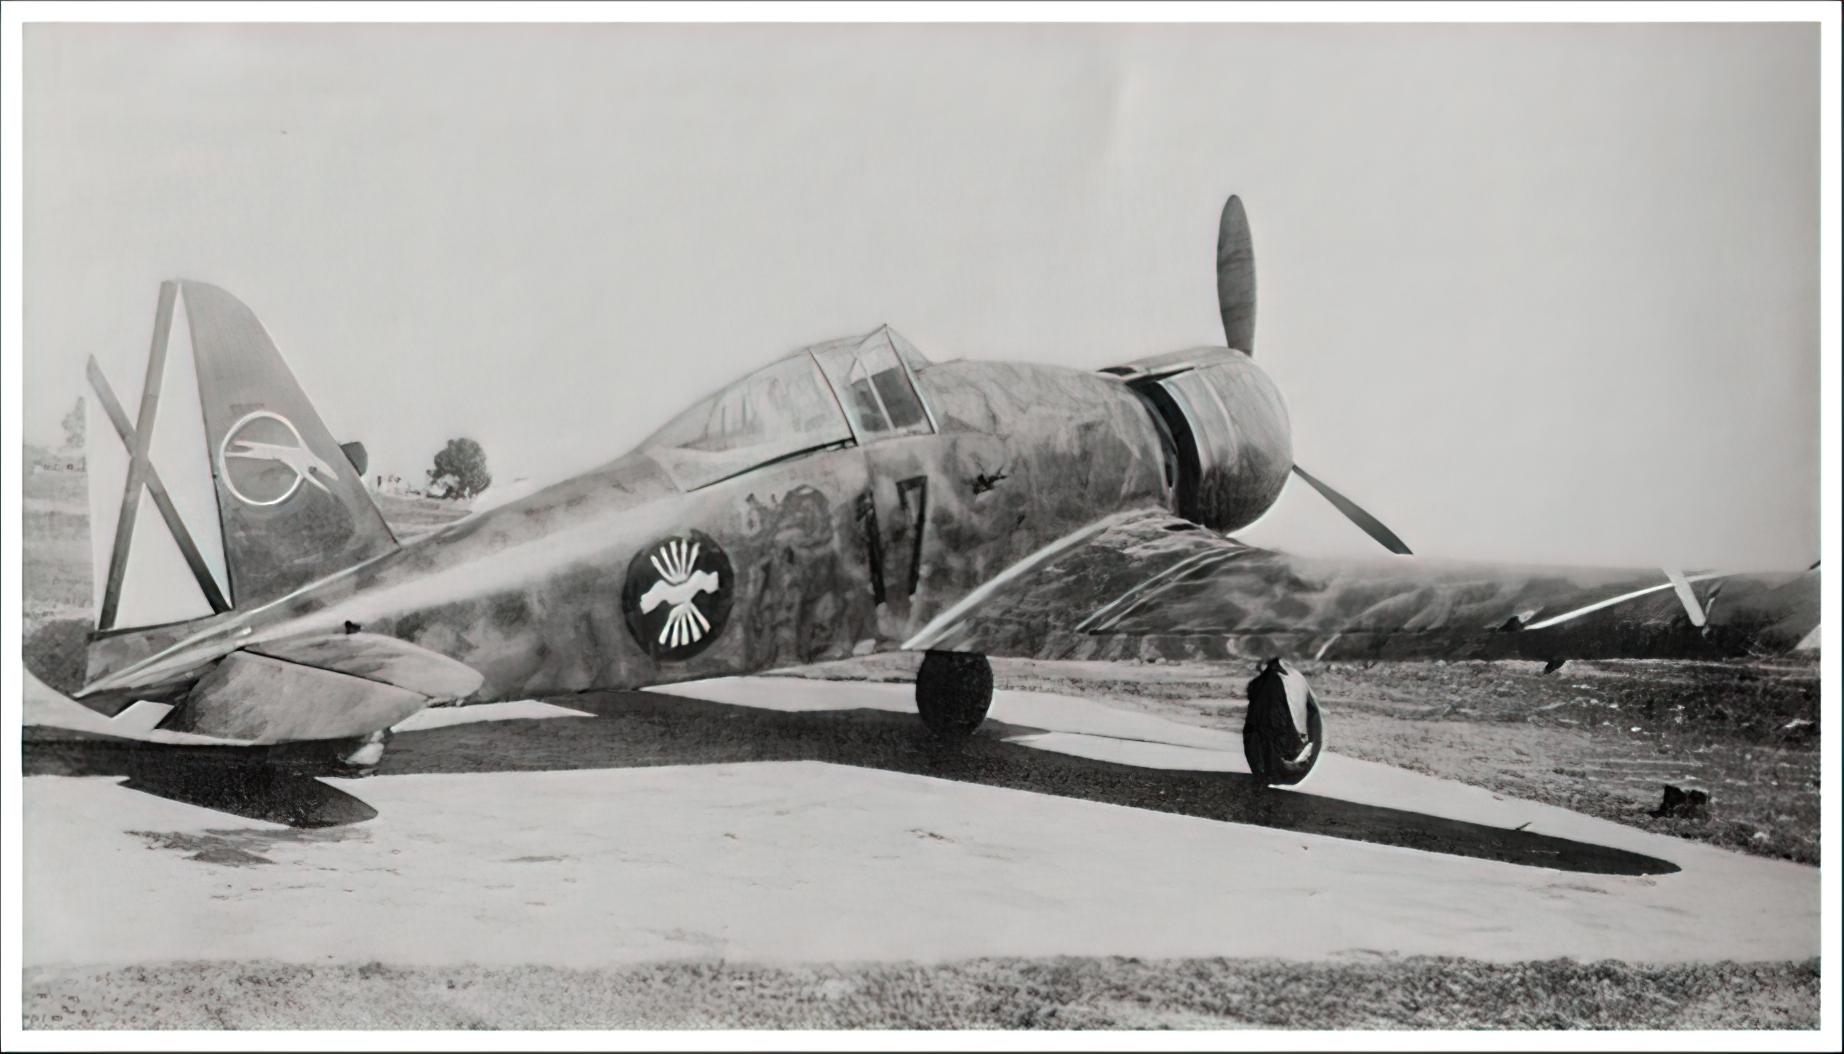 Fiat G50 Freccia Aviacion Nacional 27 Gruppo de Caza 7 MM3582 Sevilla Tablada Spain Jun 1939 01